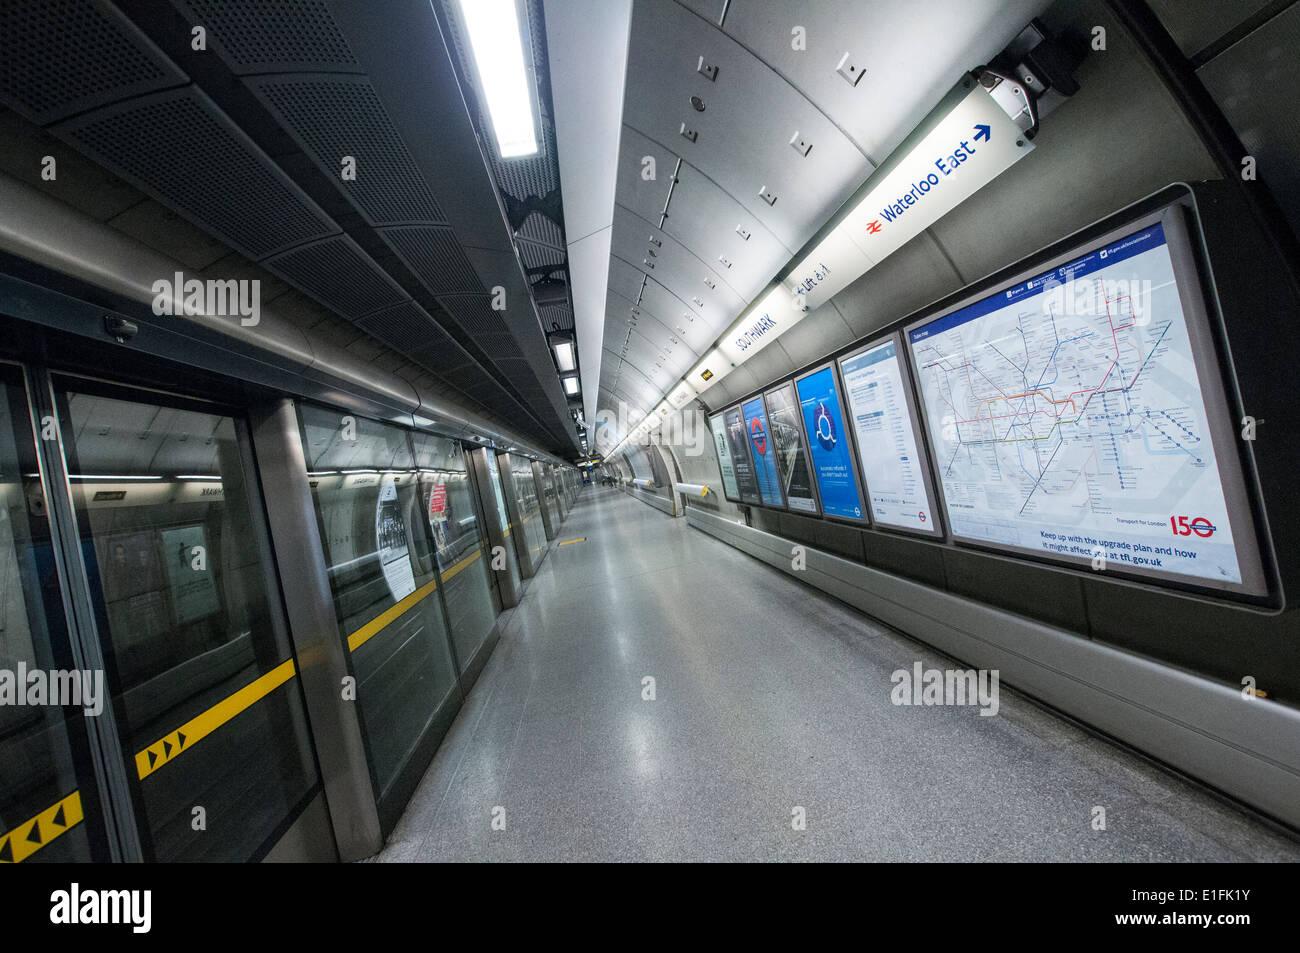 Platform at Waterloo Station on the London Underground, England UK - Stock Image